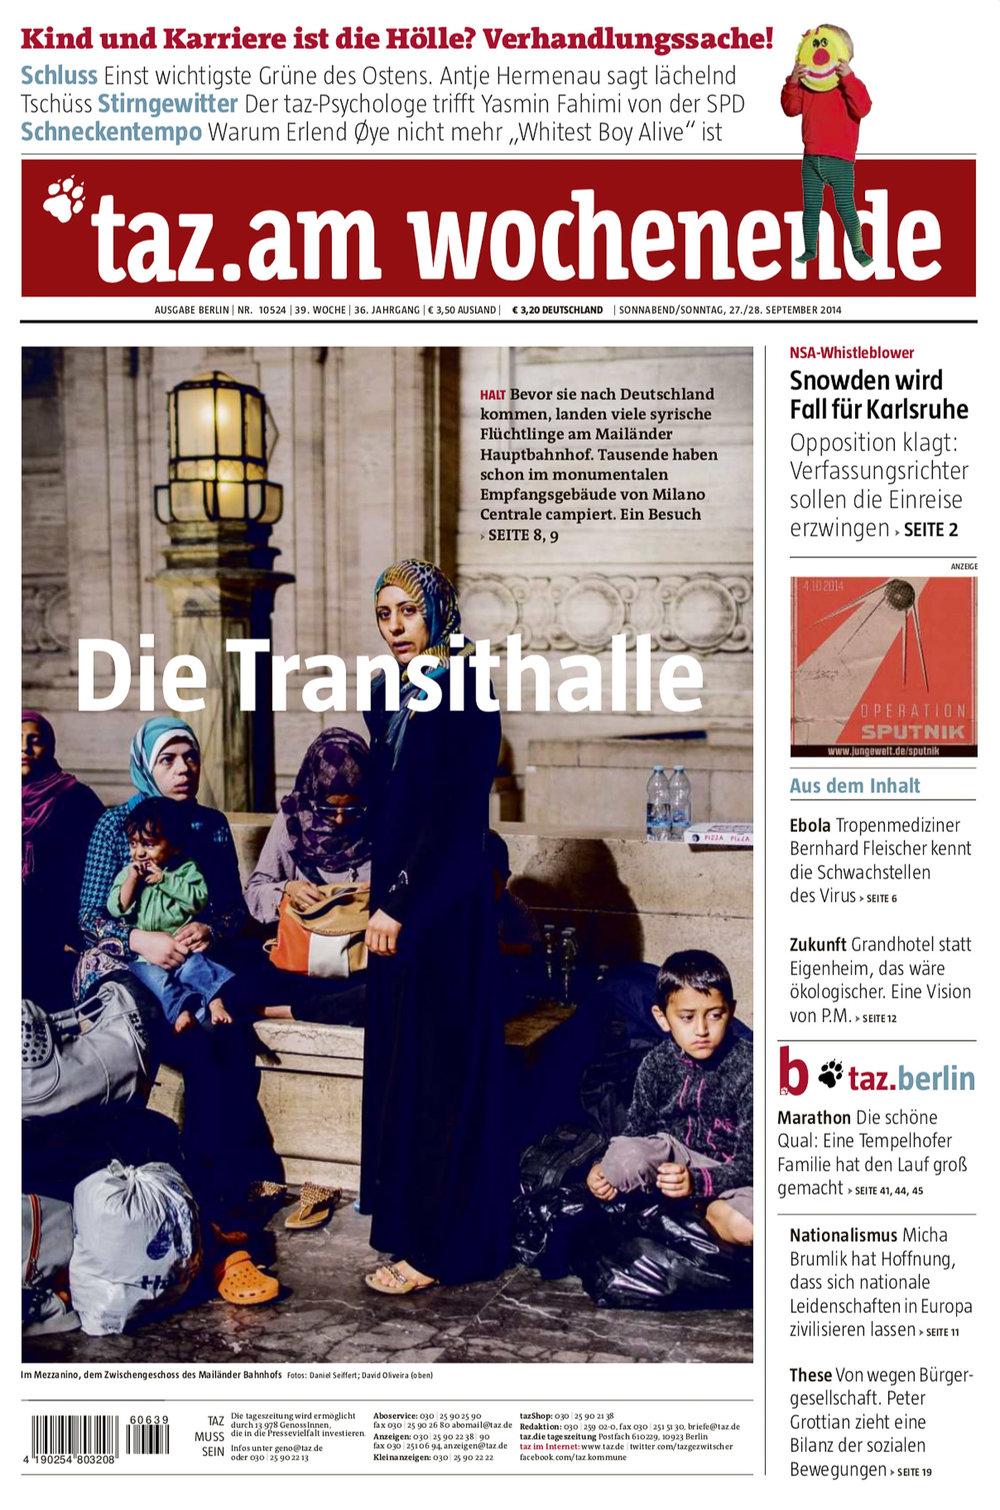 Teersheets-(c)_DanielSeiffert-12.jpg